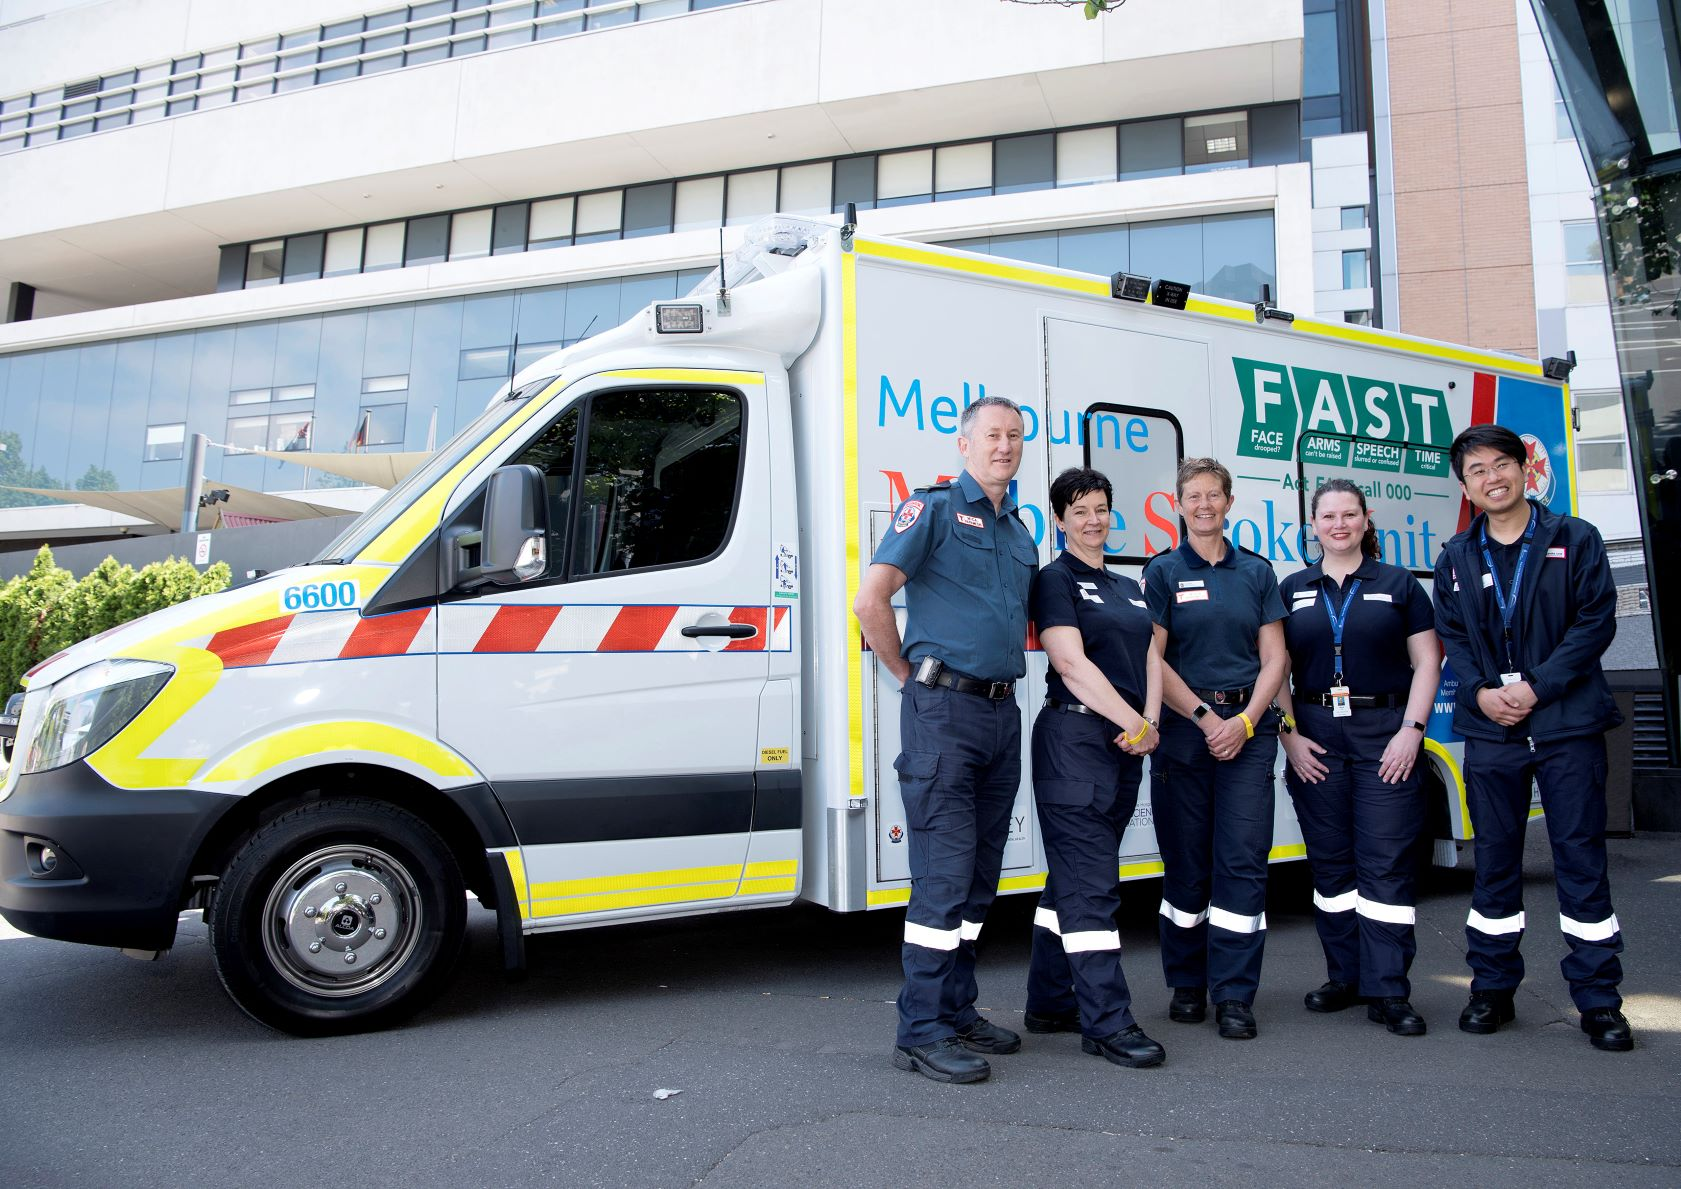 MSU stroke ambulance